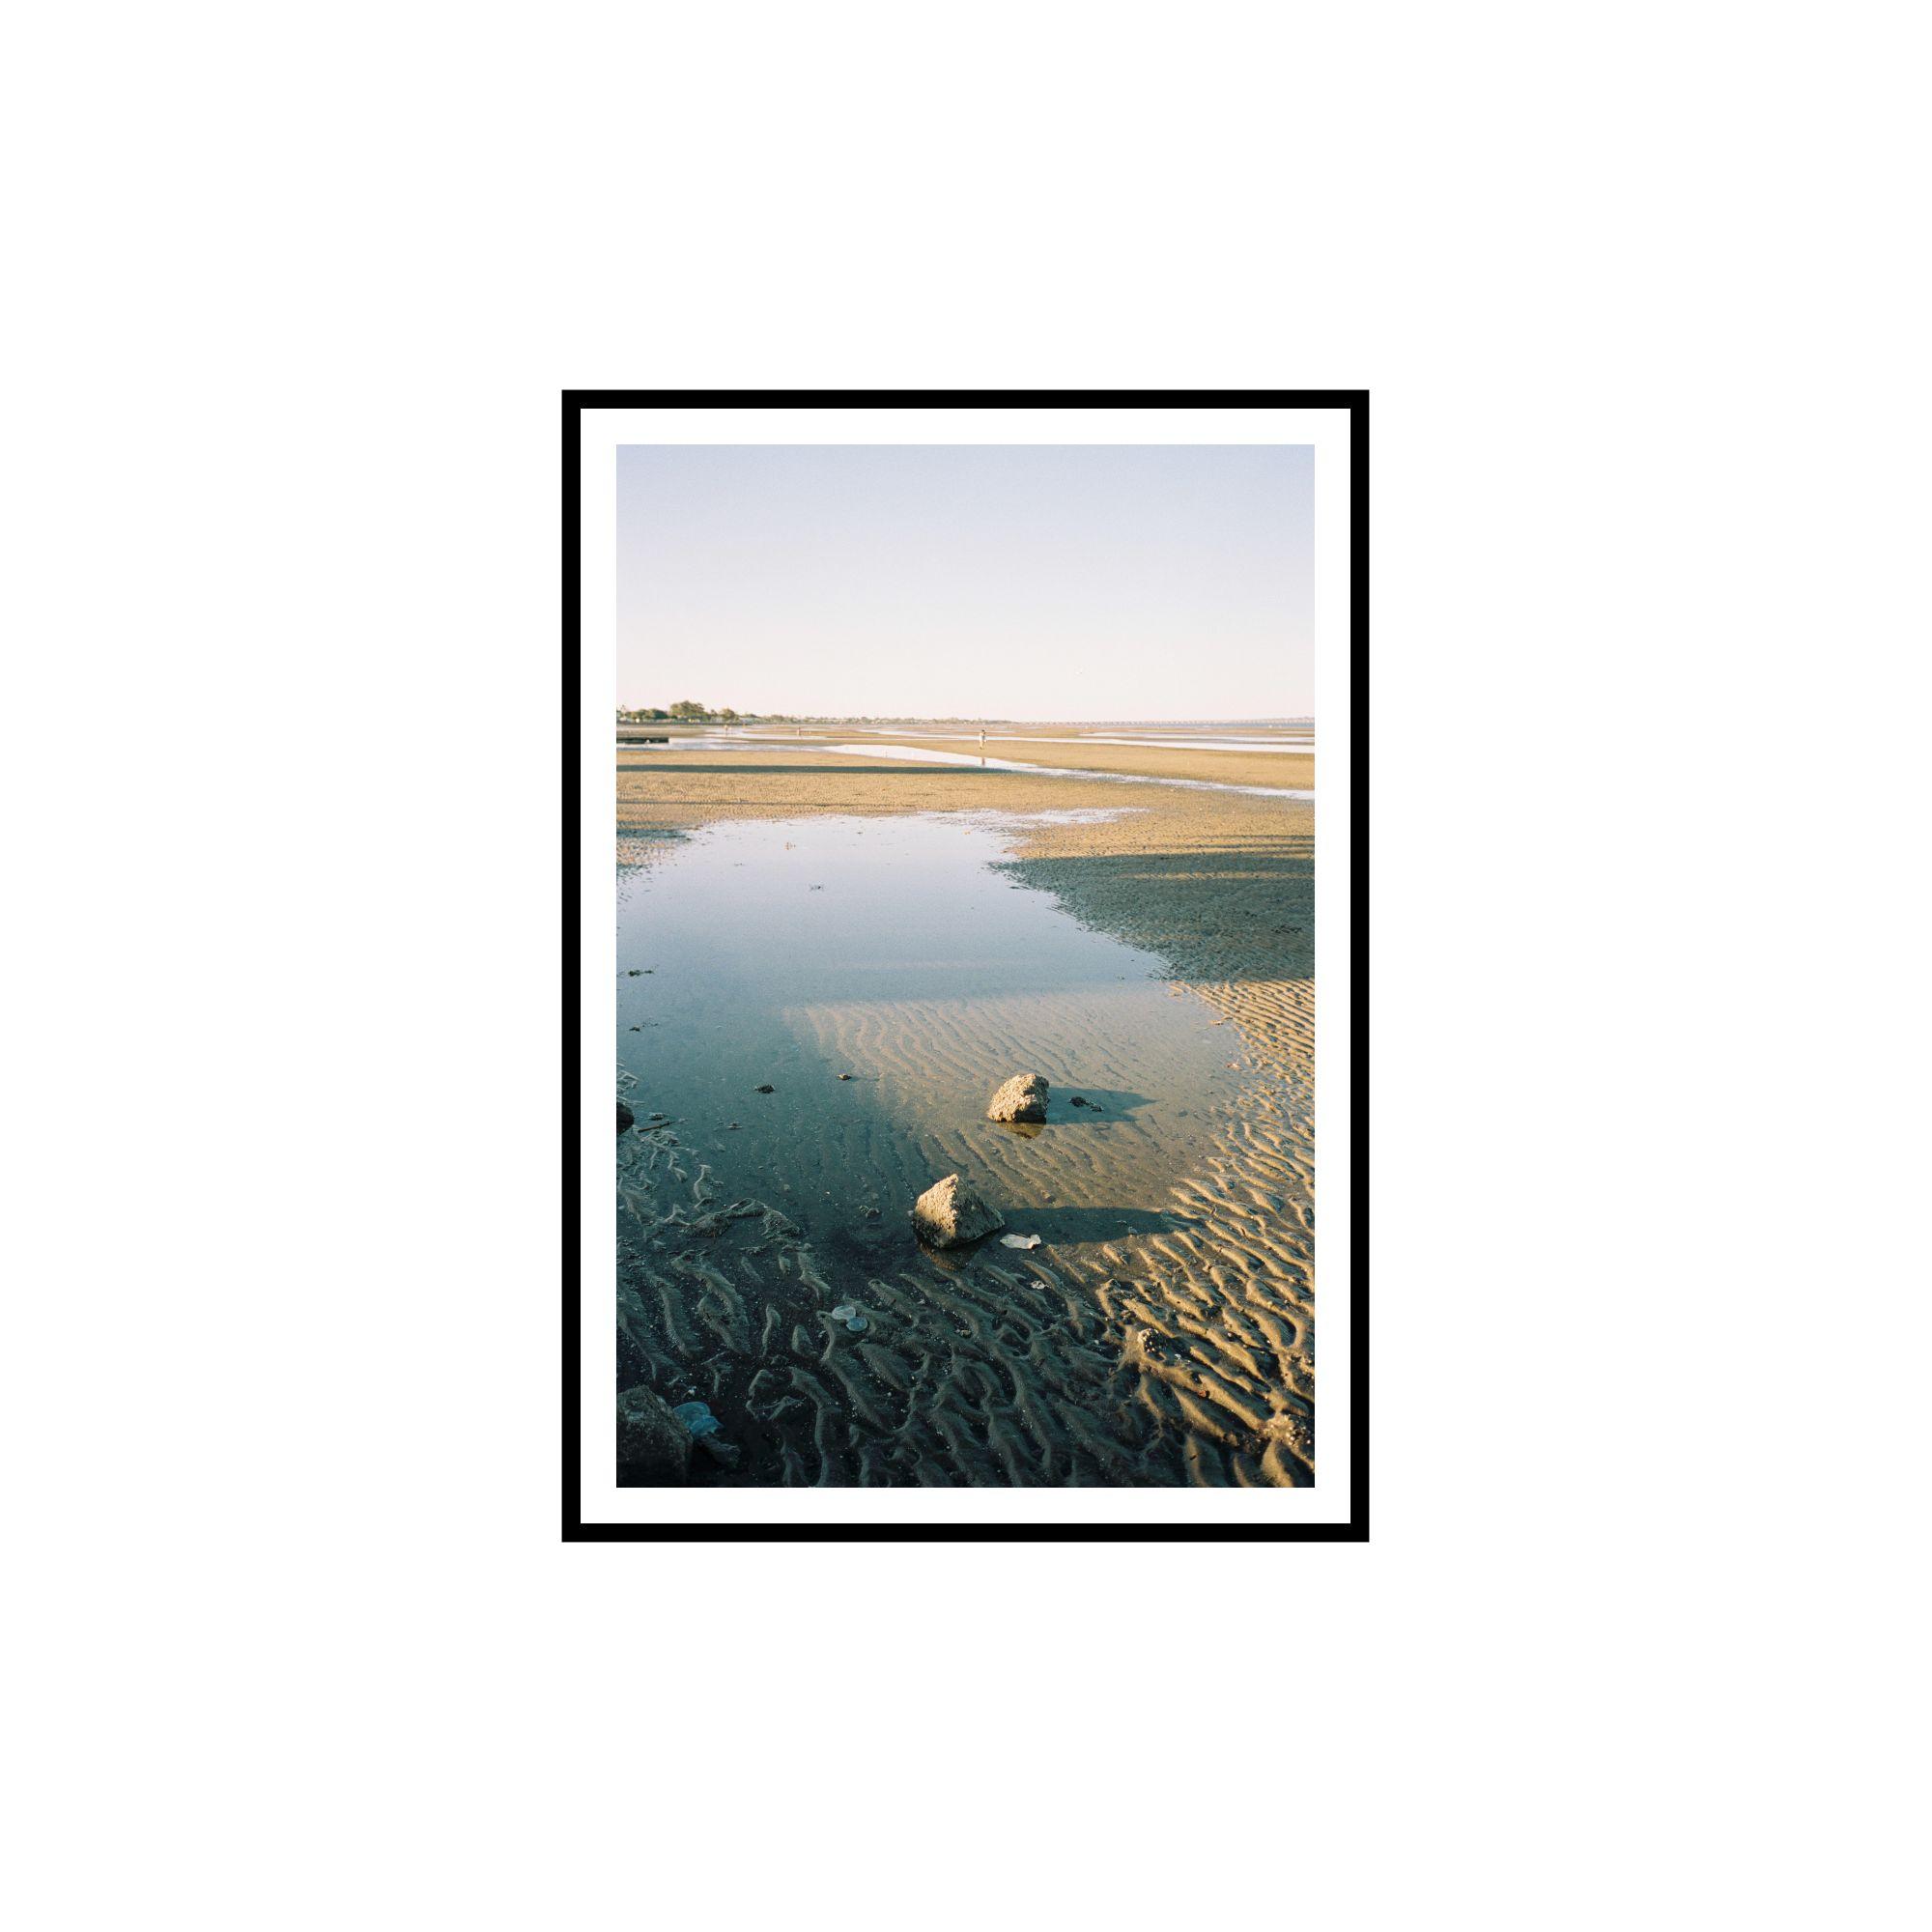 Frameable-2019-02-13 07-13-28.jpg